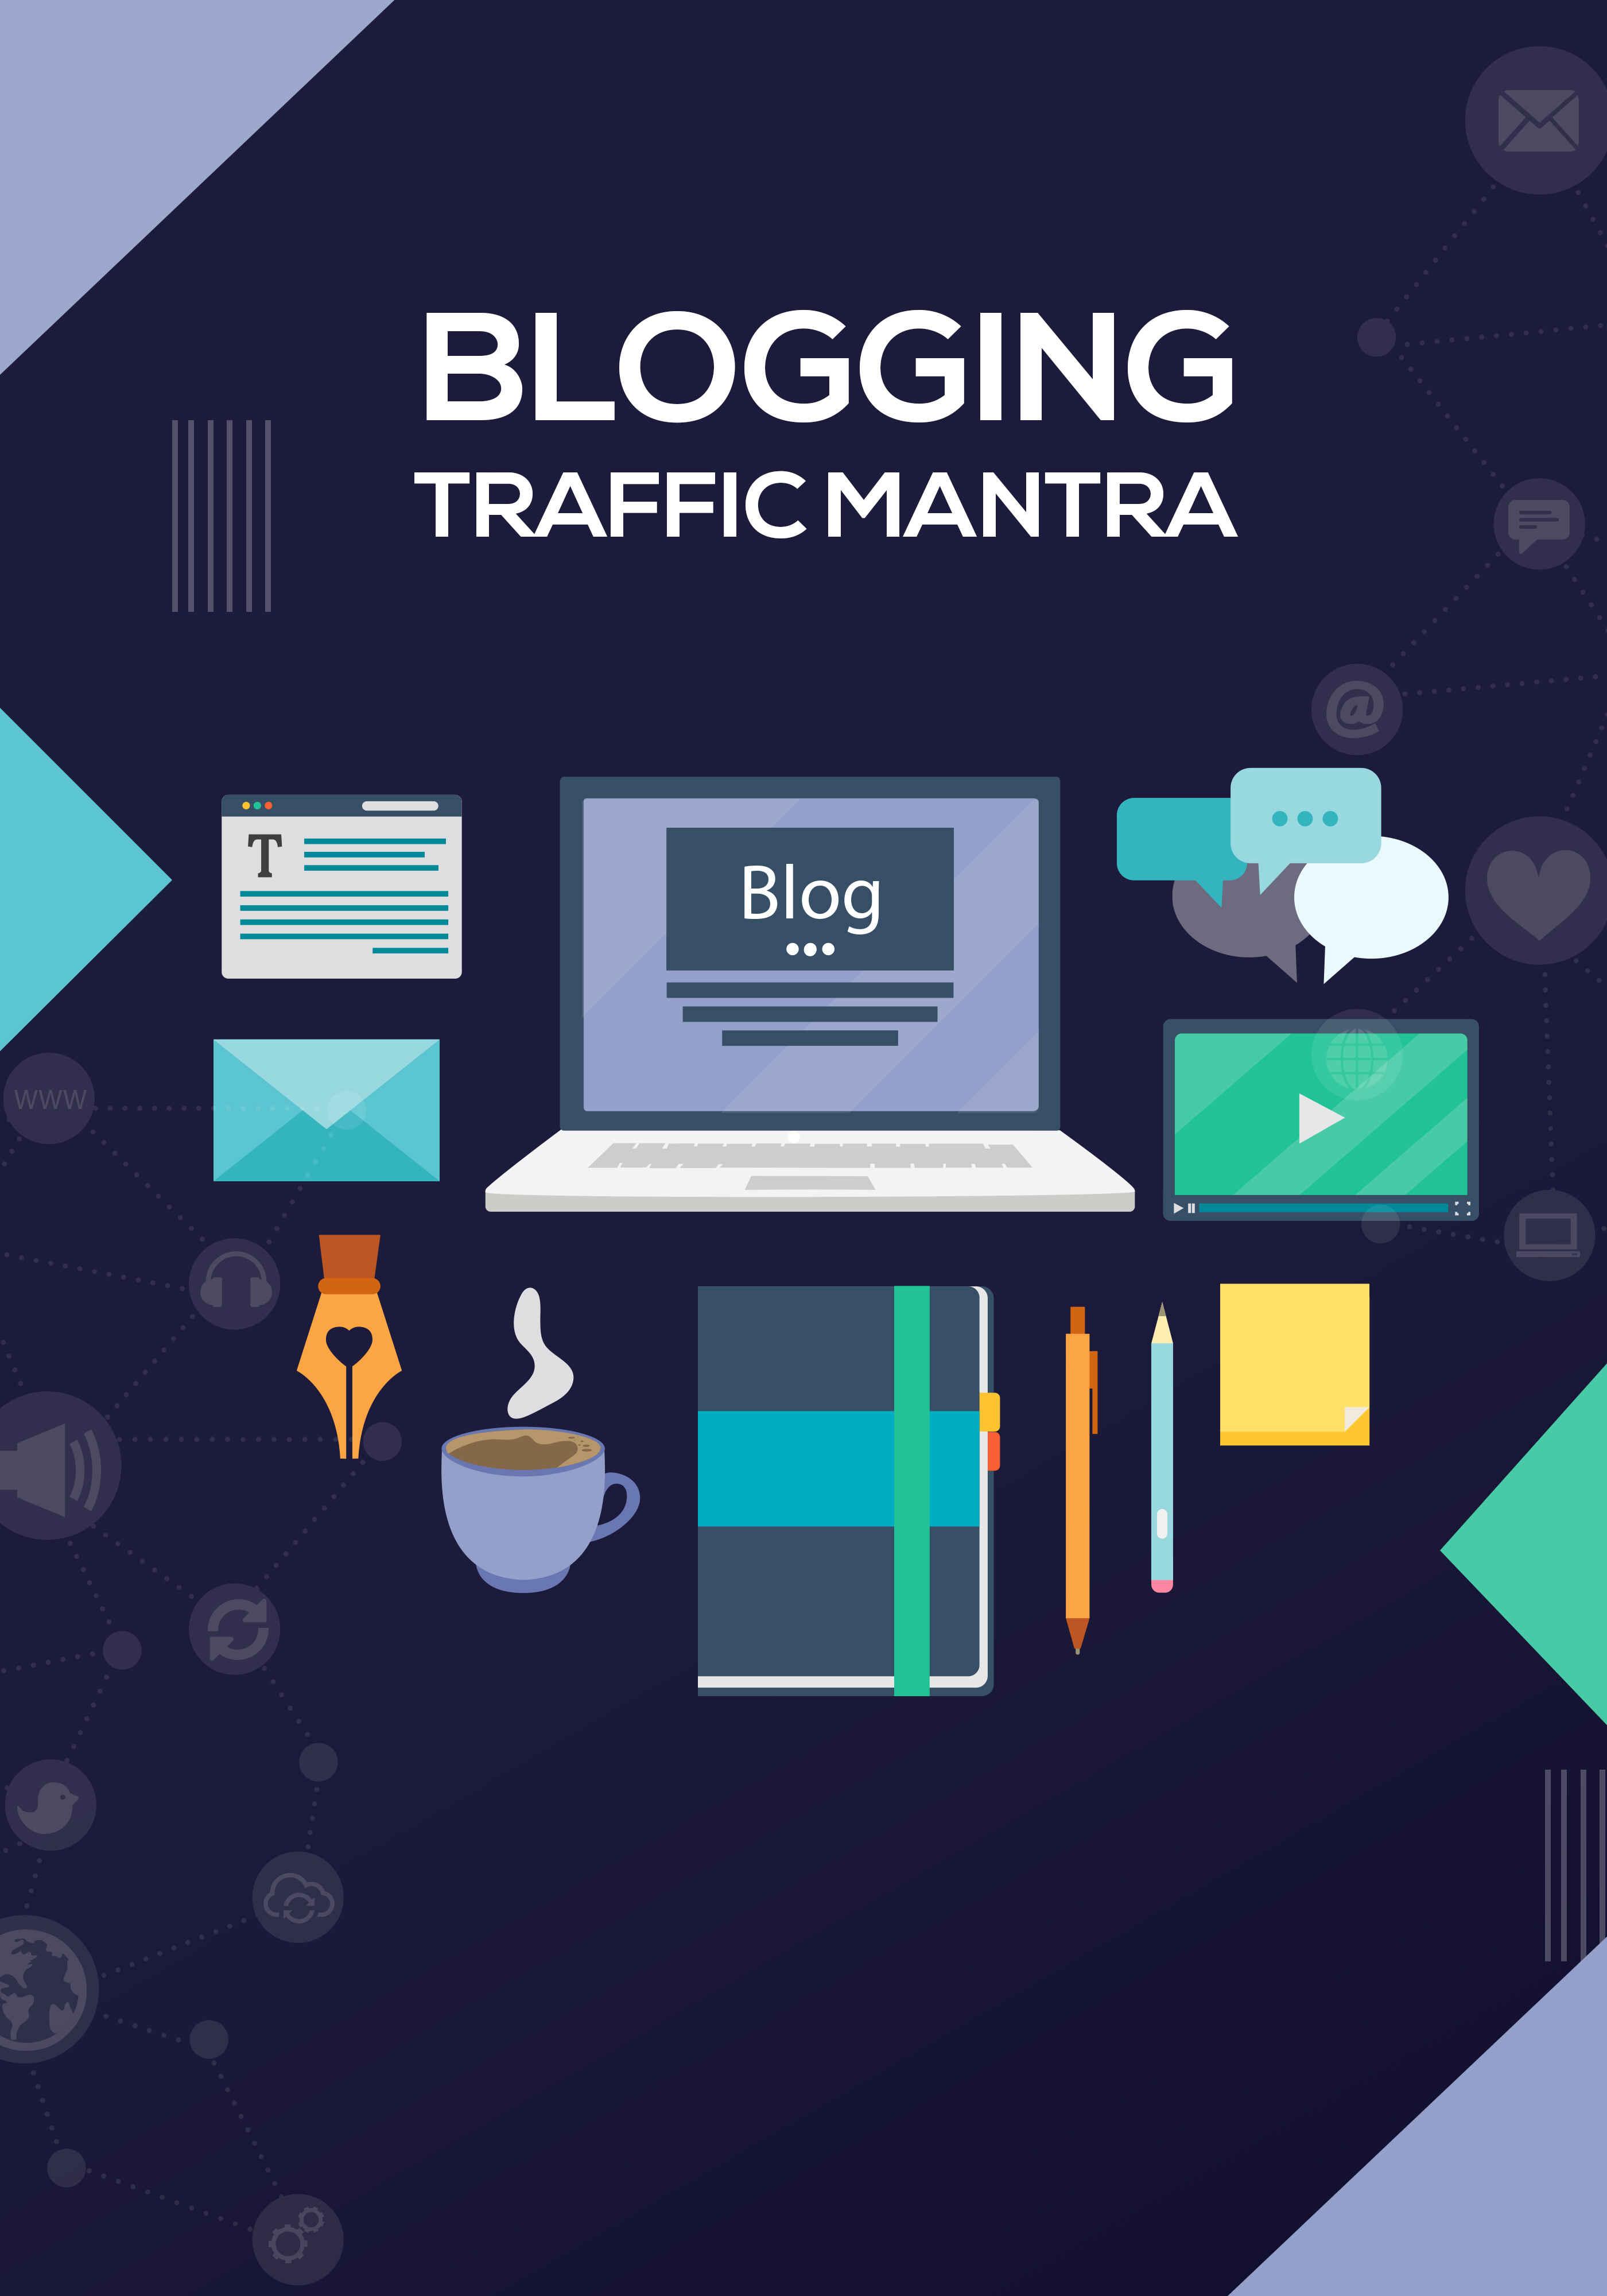 Blogging Traffic Mantra Ebook's Ebook Image